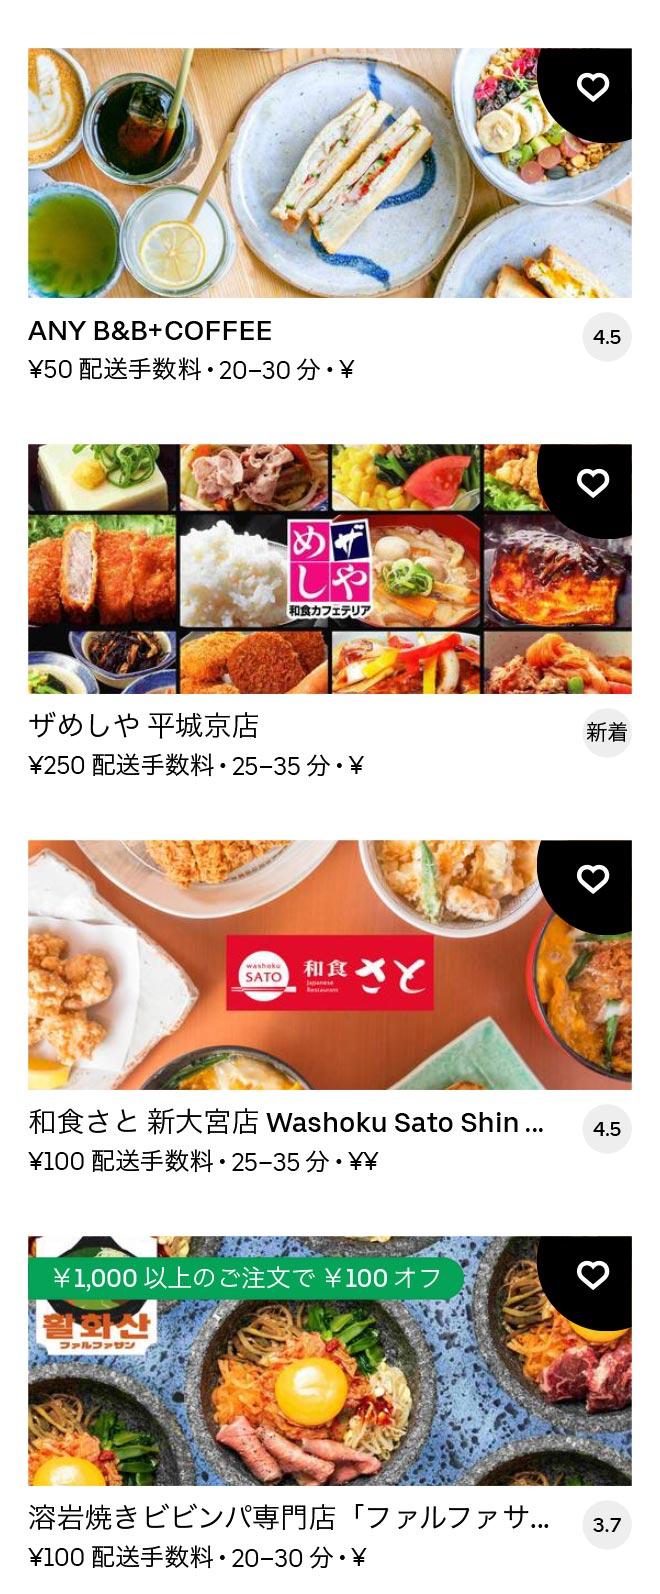 Nara menu 2011 11